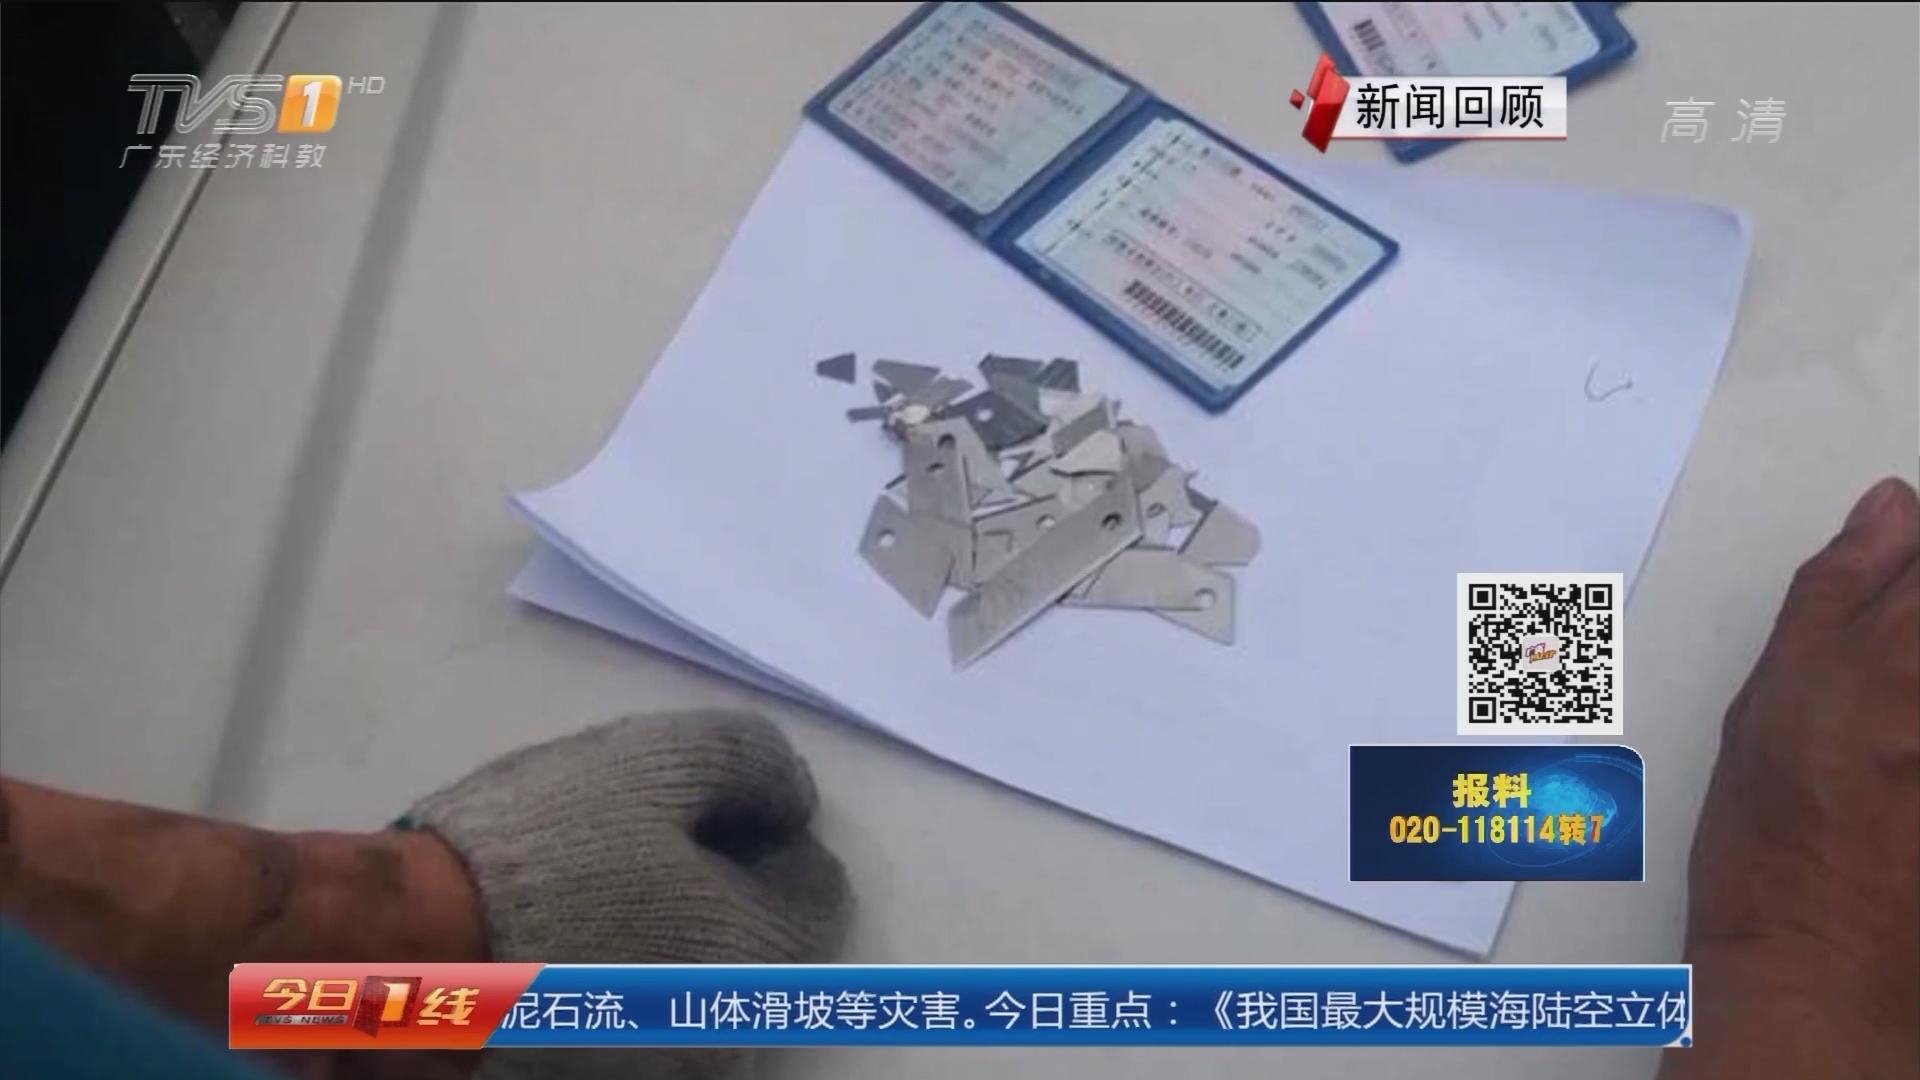 """东莞警方通报 """"刀片阵""""事件调查进展:初步查明为卡车装载刀片掉落"""